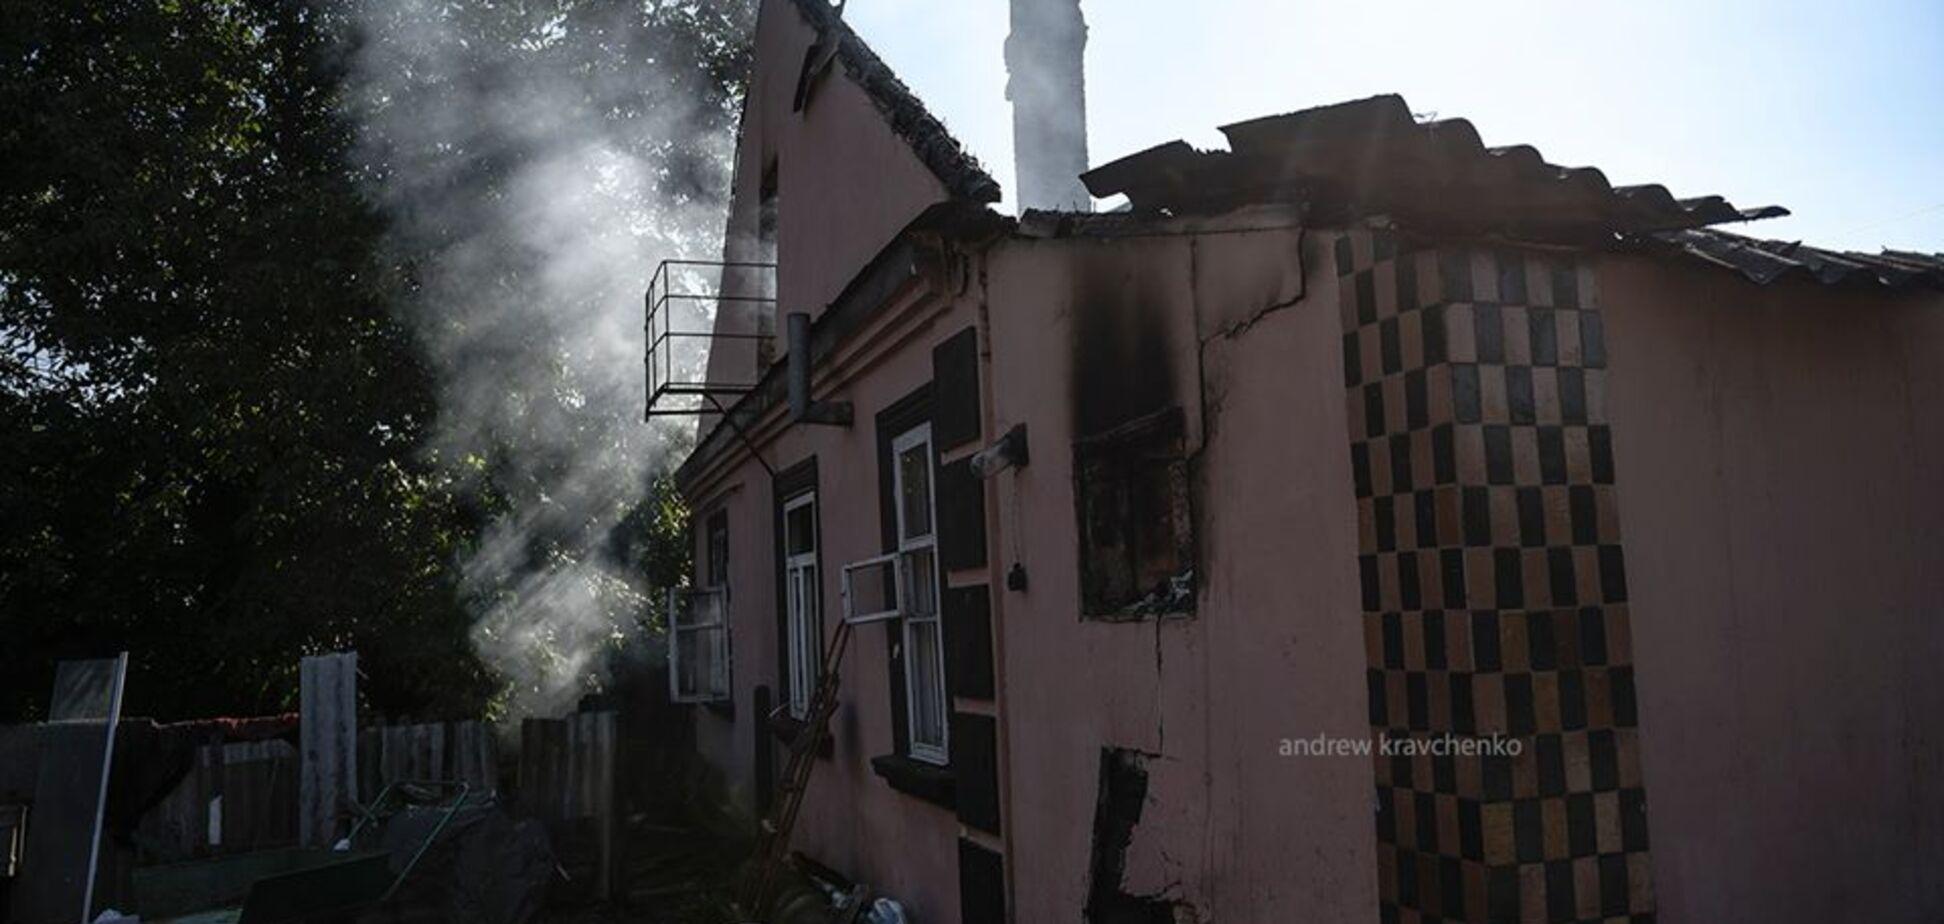 ЧП в Калиновке: Генштаб отреагировал на заявление о колоссальном ущербе